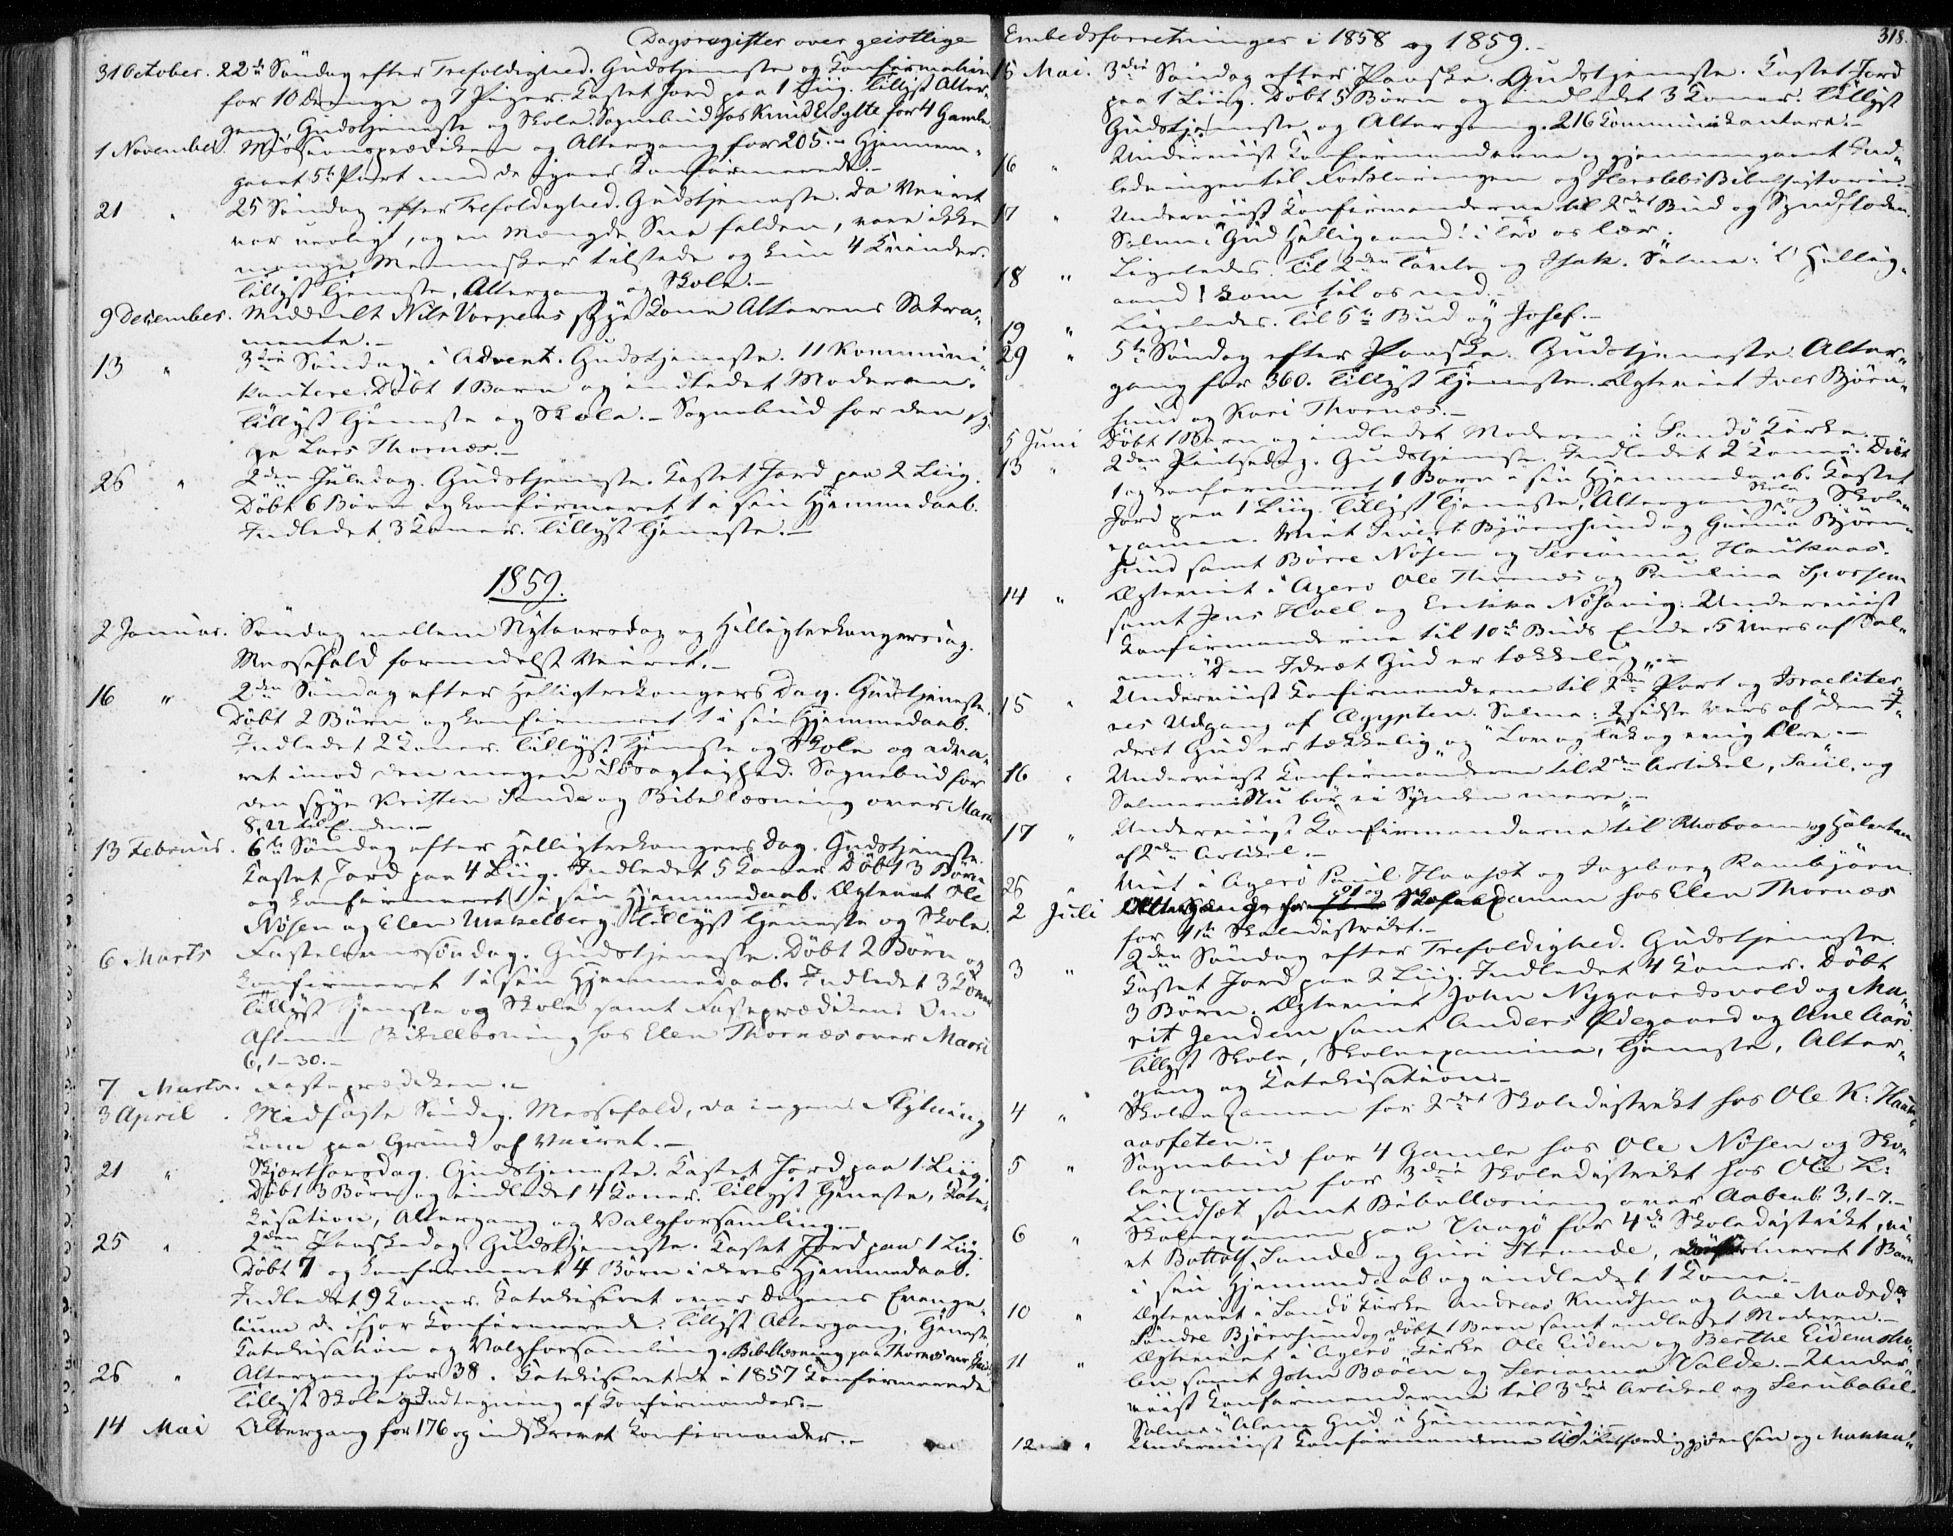 SAT, Ministerialprotokoller, klokkerbøker og fødselsregistre - Møre og Romsdal, 565/L0748: Ministerialbok nr. 565A02, 1845-1872, s. 318